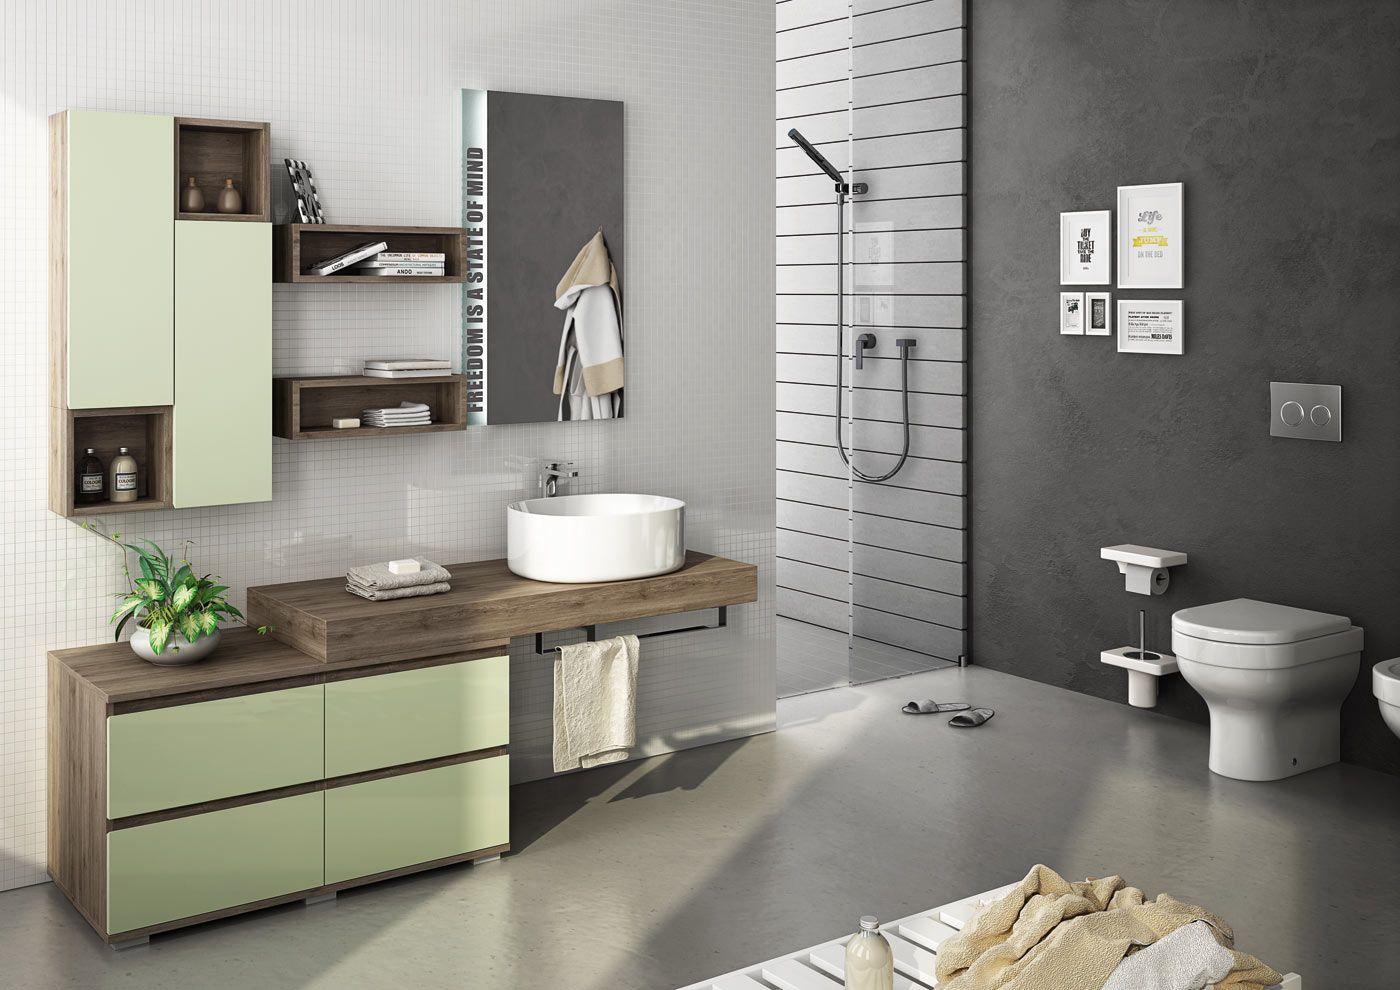 Mobile lavabo componibile singolo freedom 19 by legnobagno - Arredo bagno latina ...